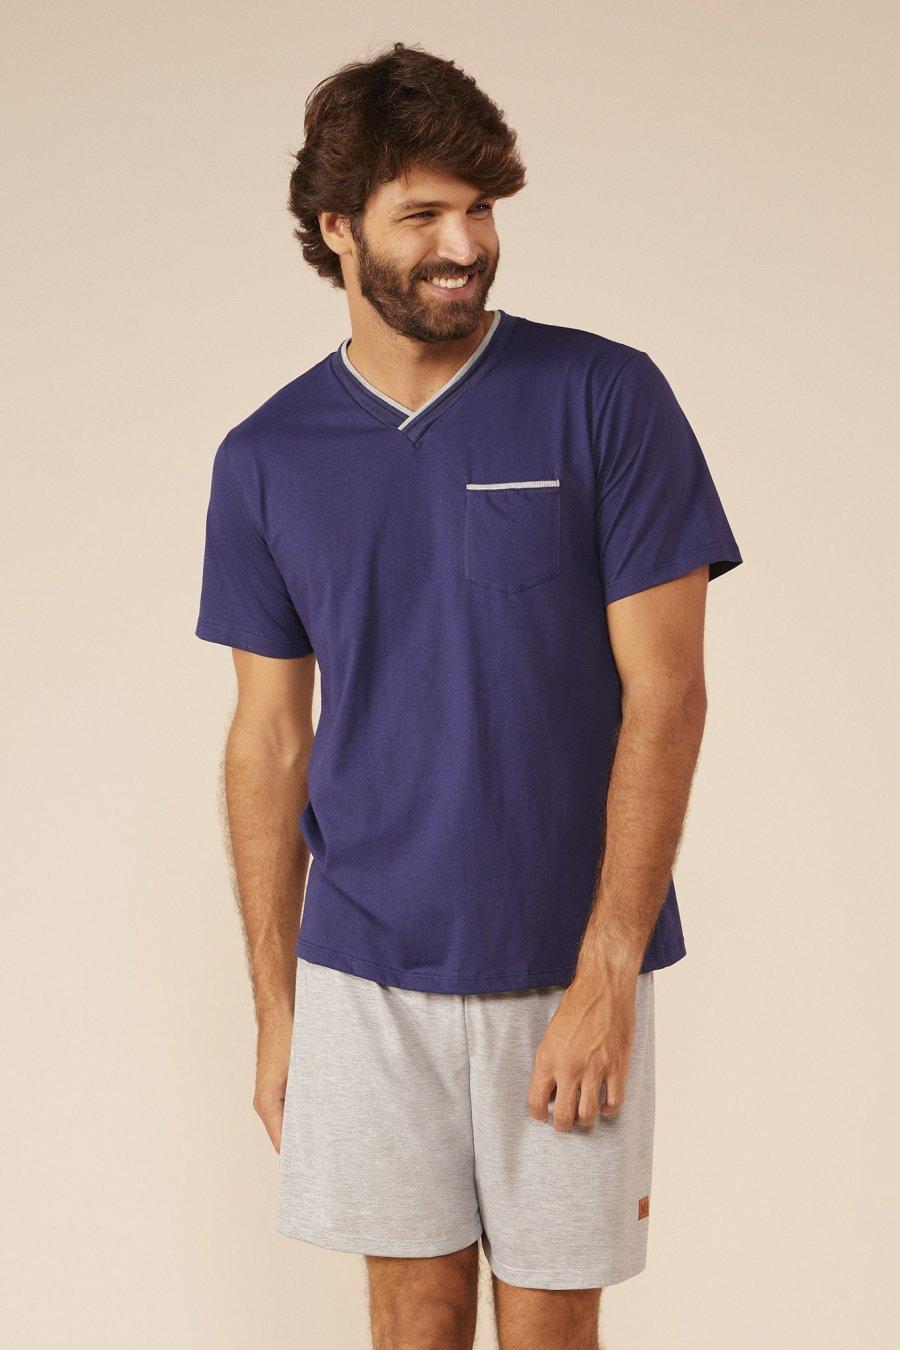 LANÇAMENTO Pijama Plus Size 1/2 Malha Clássico Mundo dos Sonhos Primavera Verão 22 MDS